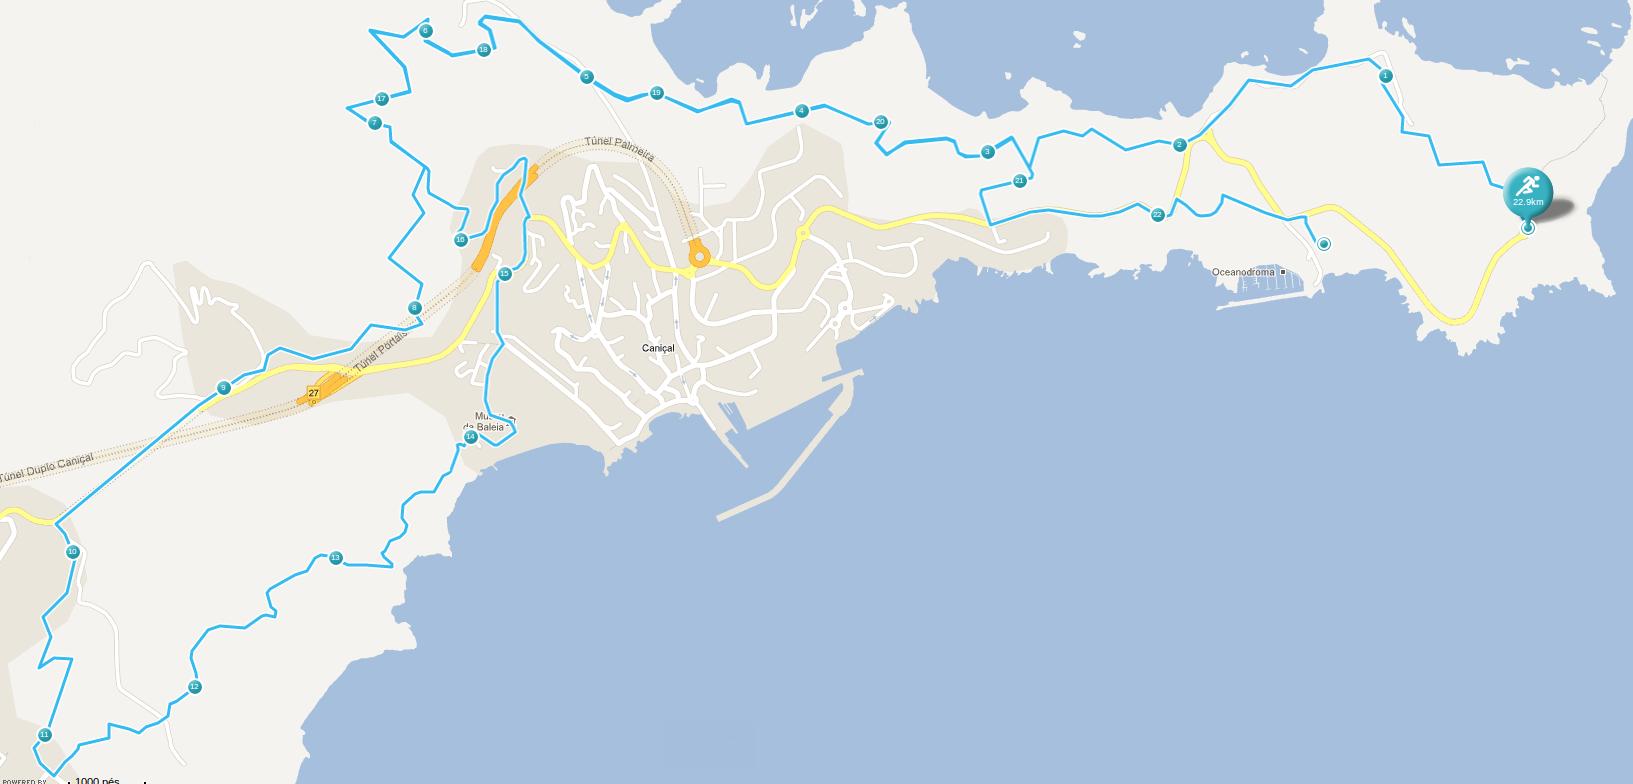 mapa canical